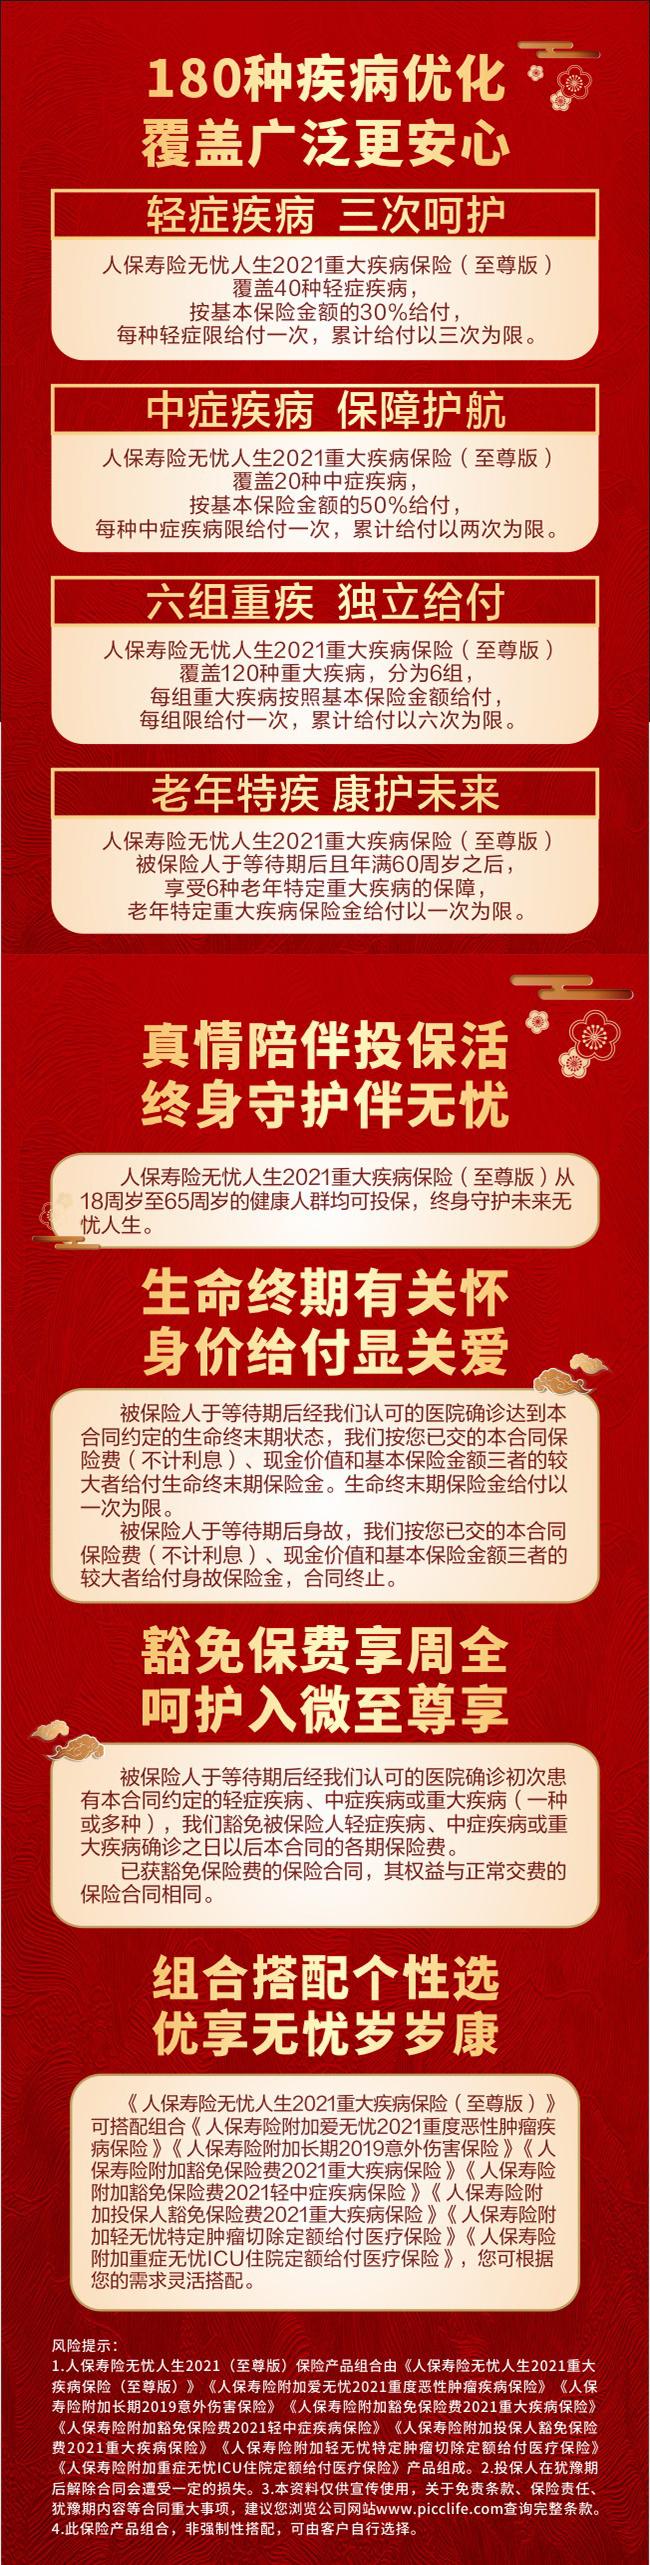 PICC无忧人生2021重大疾病保险(至尊版)(组合险)-产品卖点650px-202107091217000525924.jpg